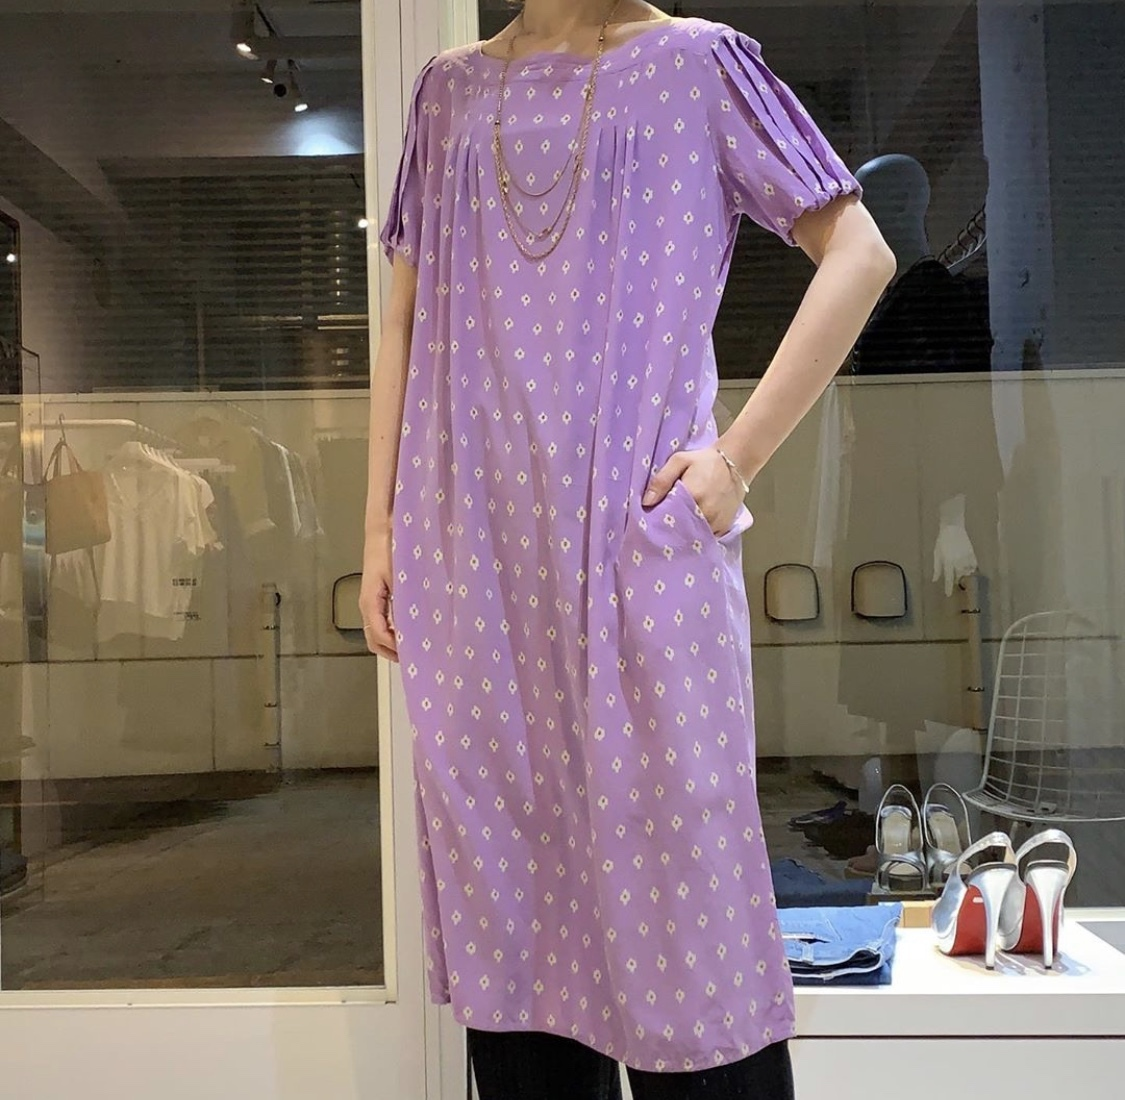 """"""" DIAN VON FURSTENBERG """" vintage silk dress"""